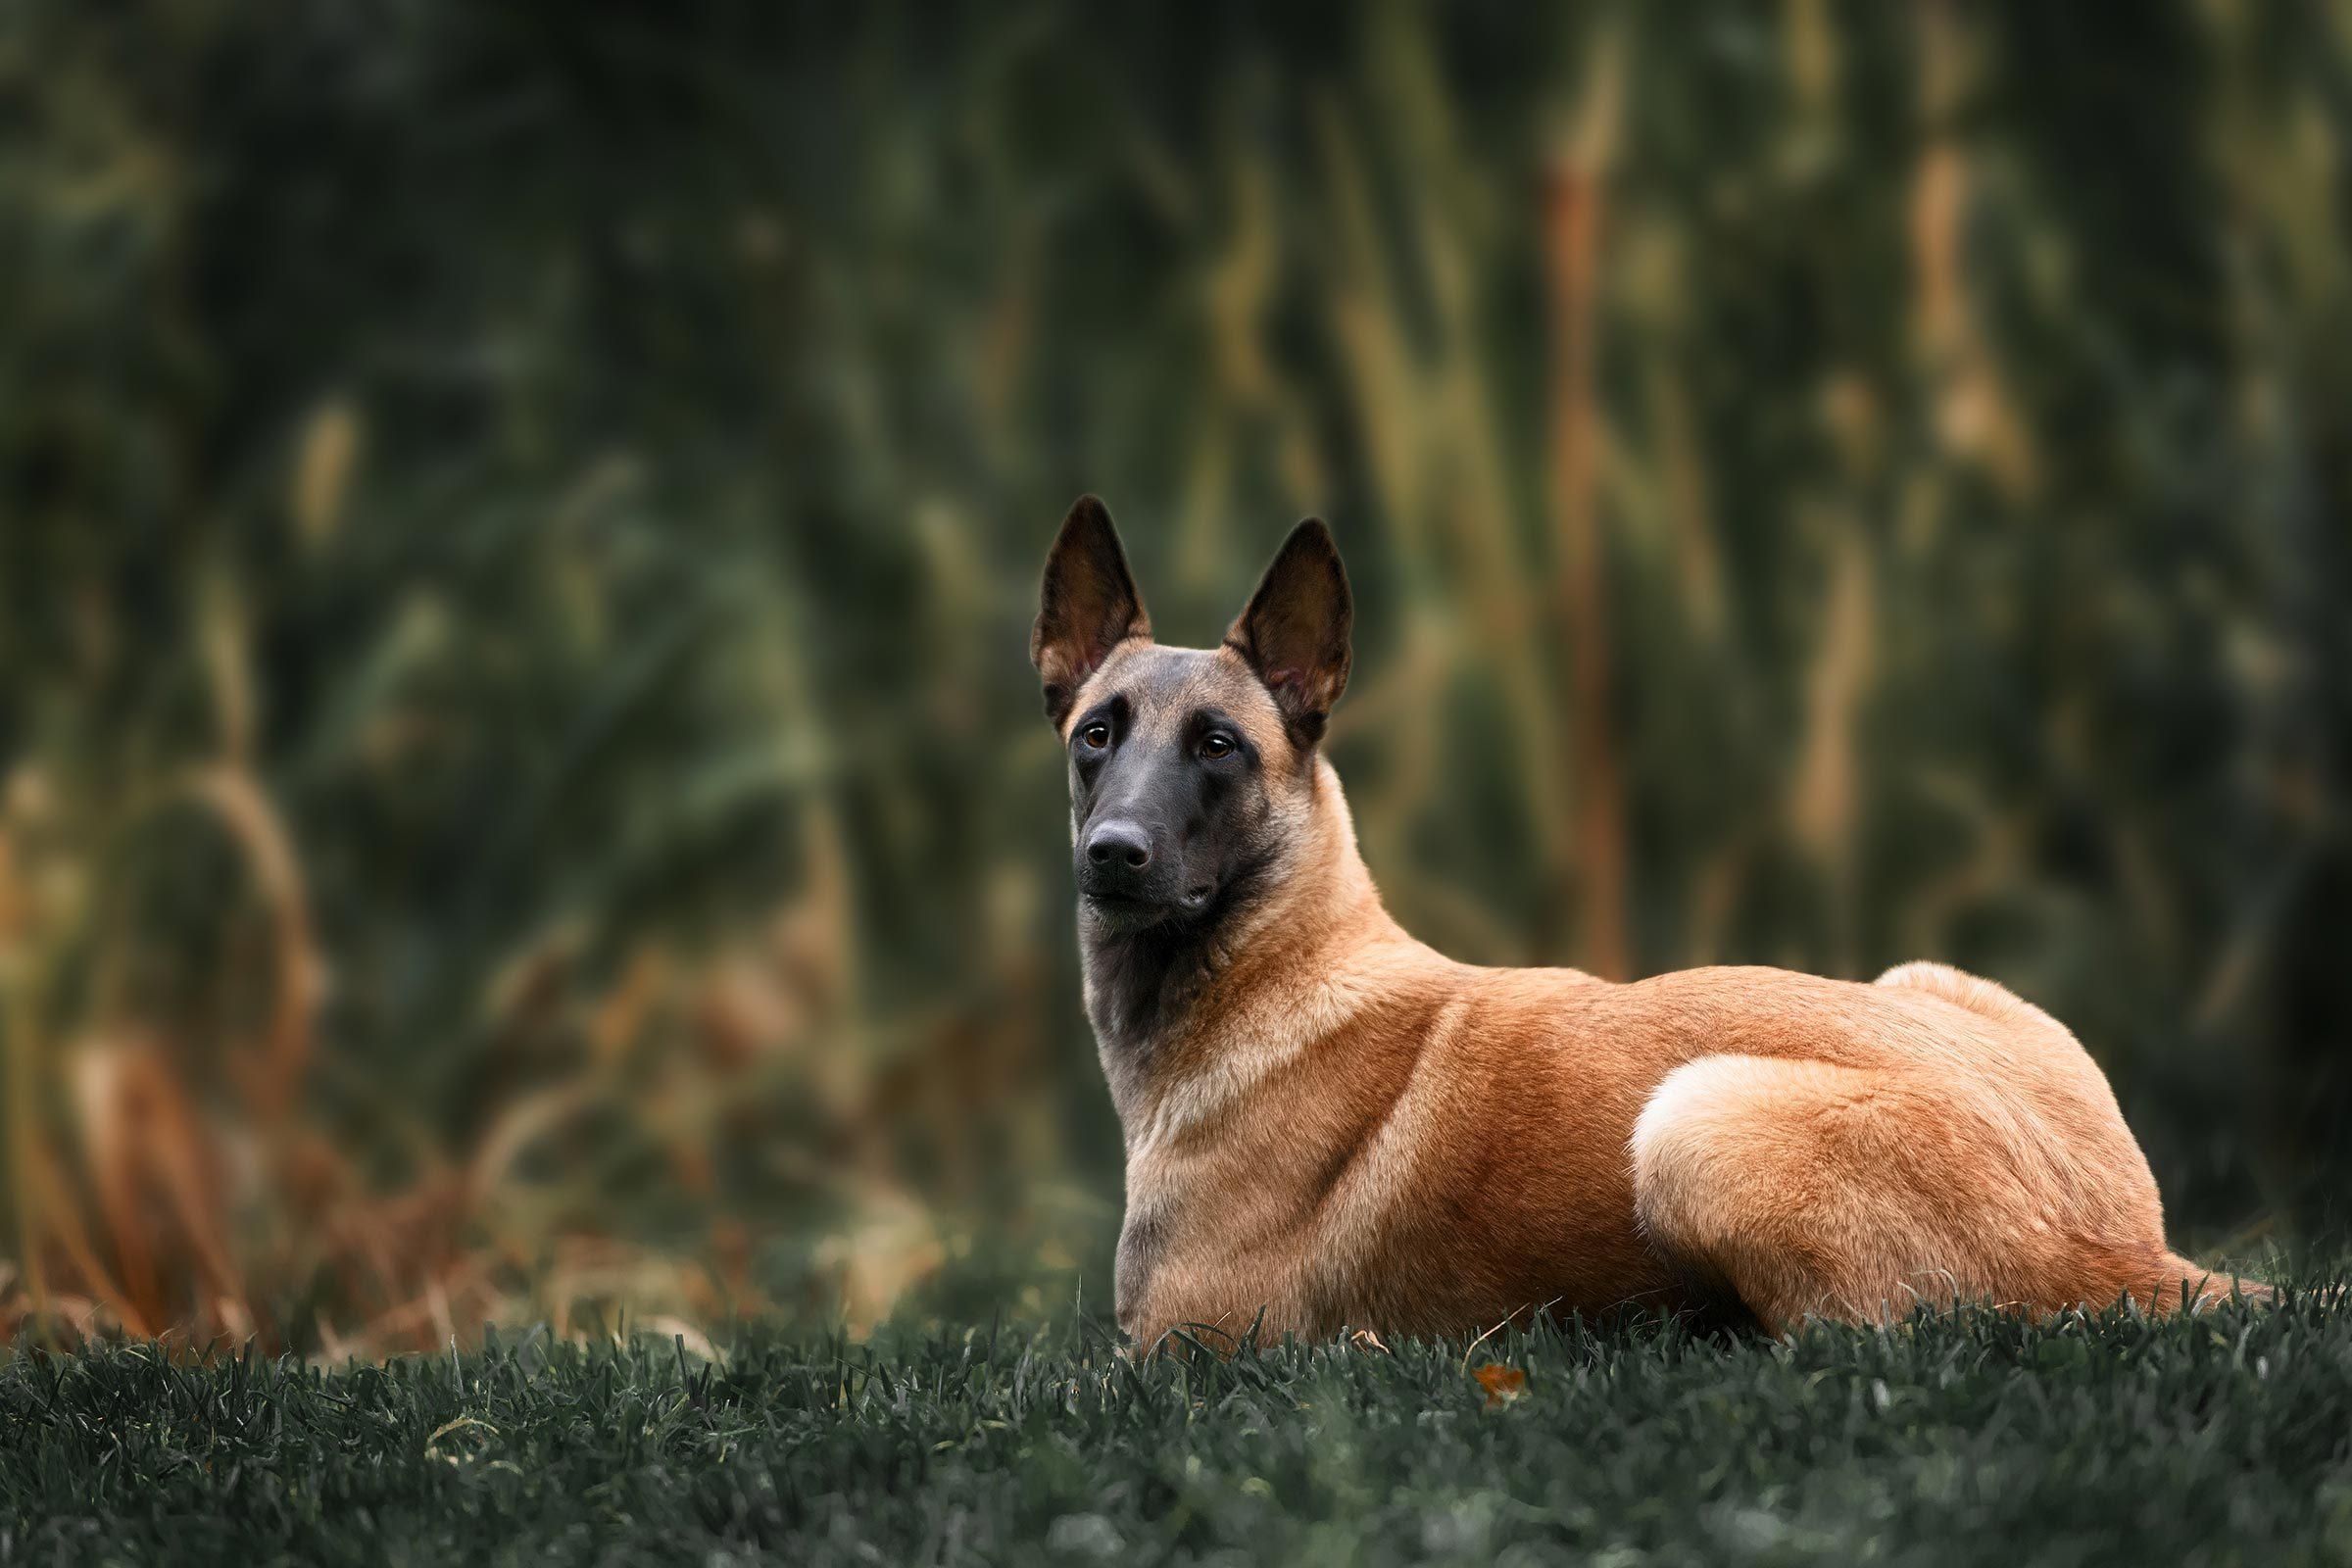 15 Dog Park Etiquette Rules You Should Never Break